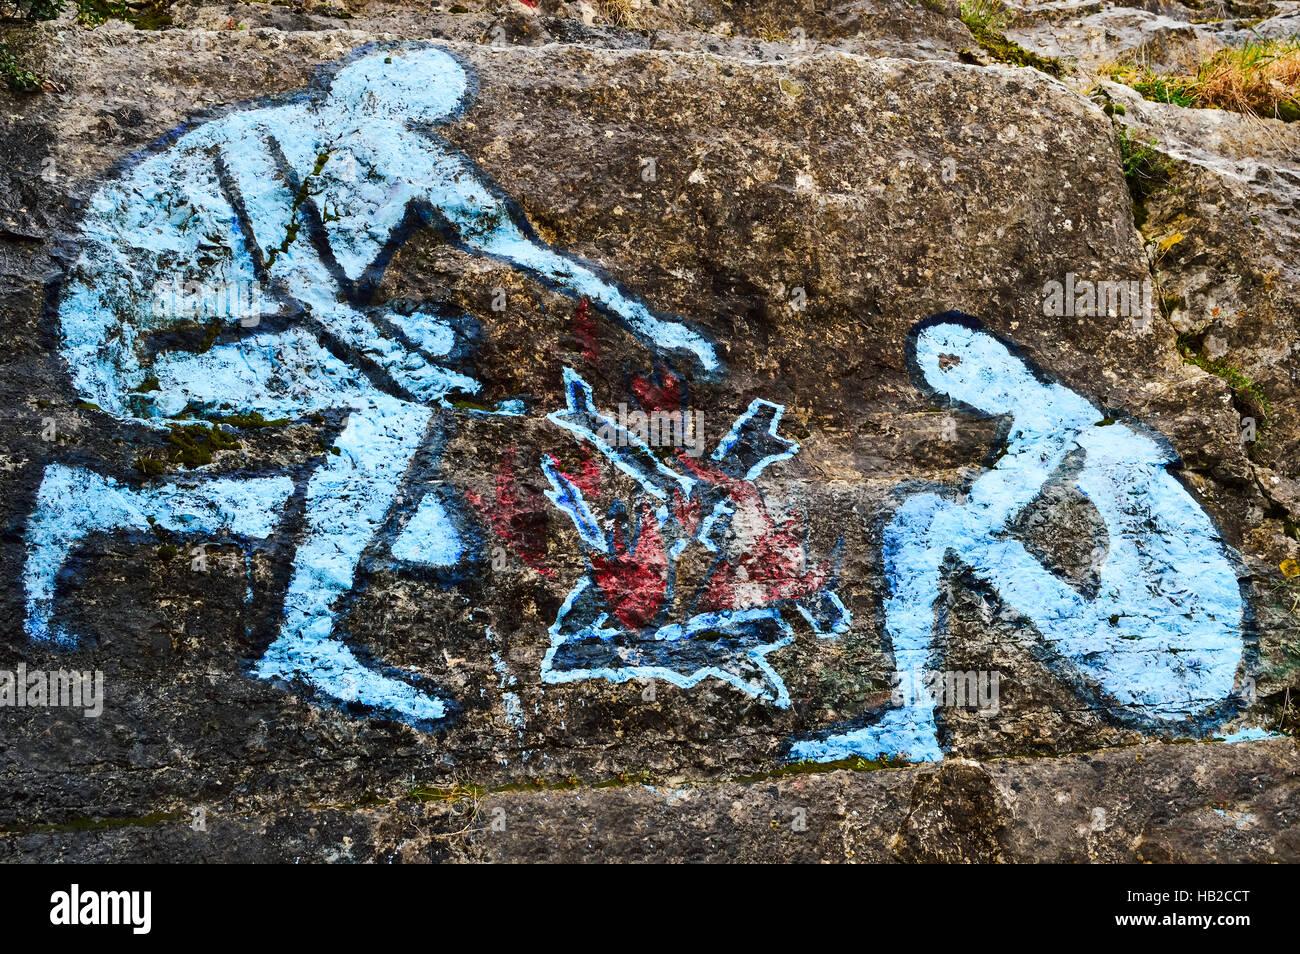 Graffiti man on fire on rock wall - Stock Image